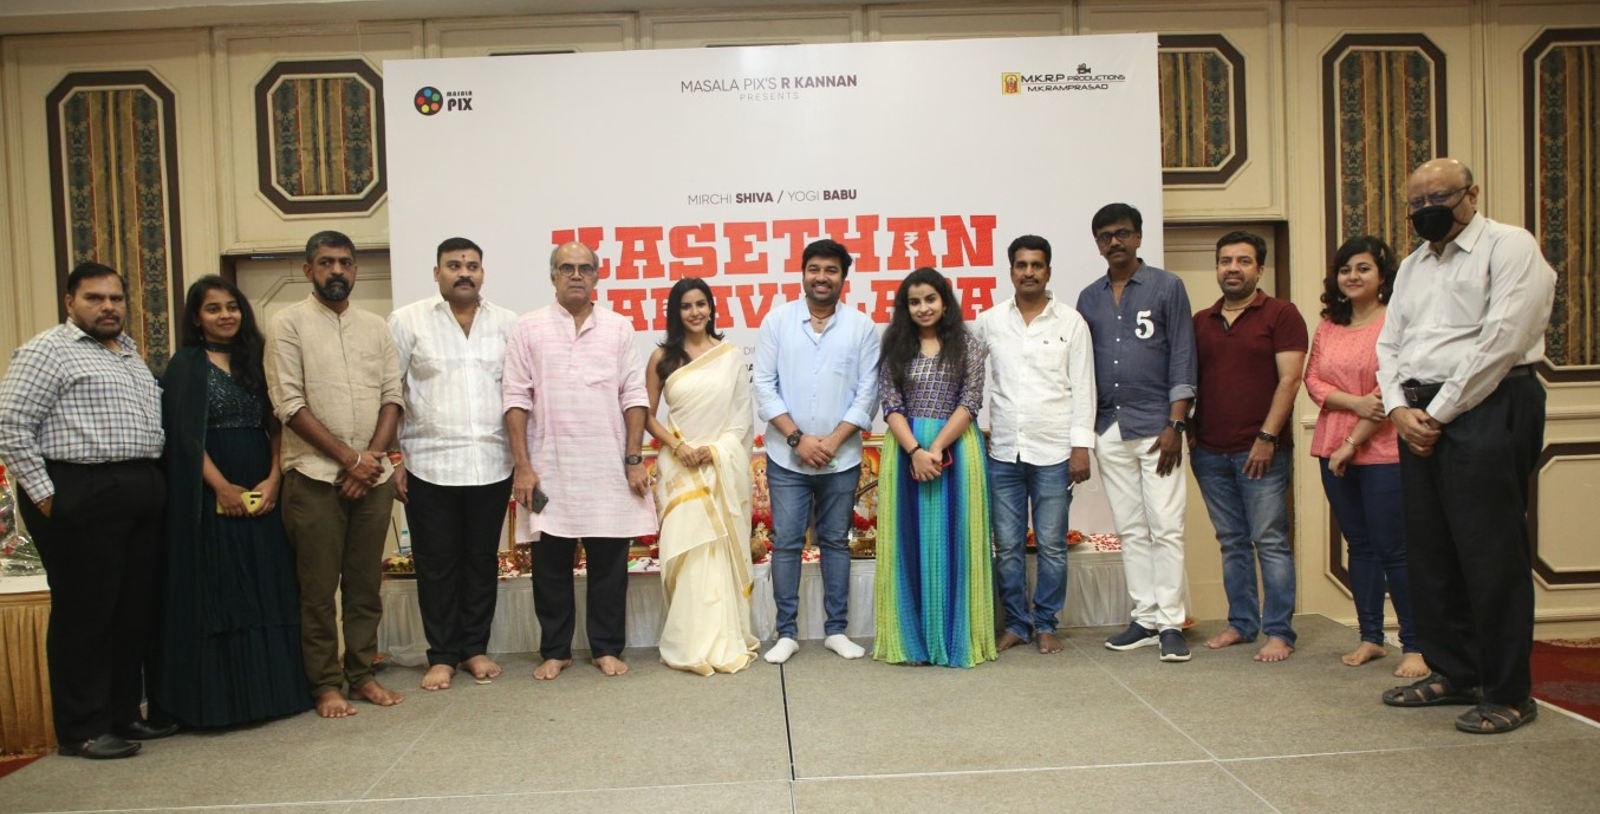 Mirchi Shiva Priya Anand Shivaangi Kasethan Kadavulada Remake Launched